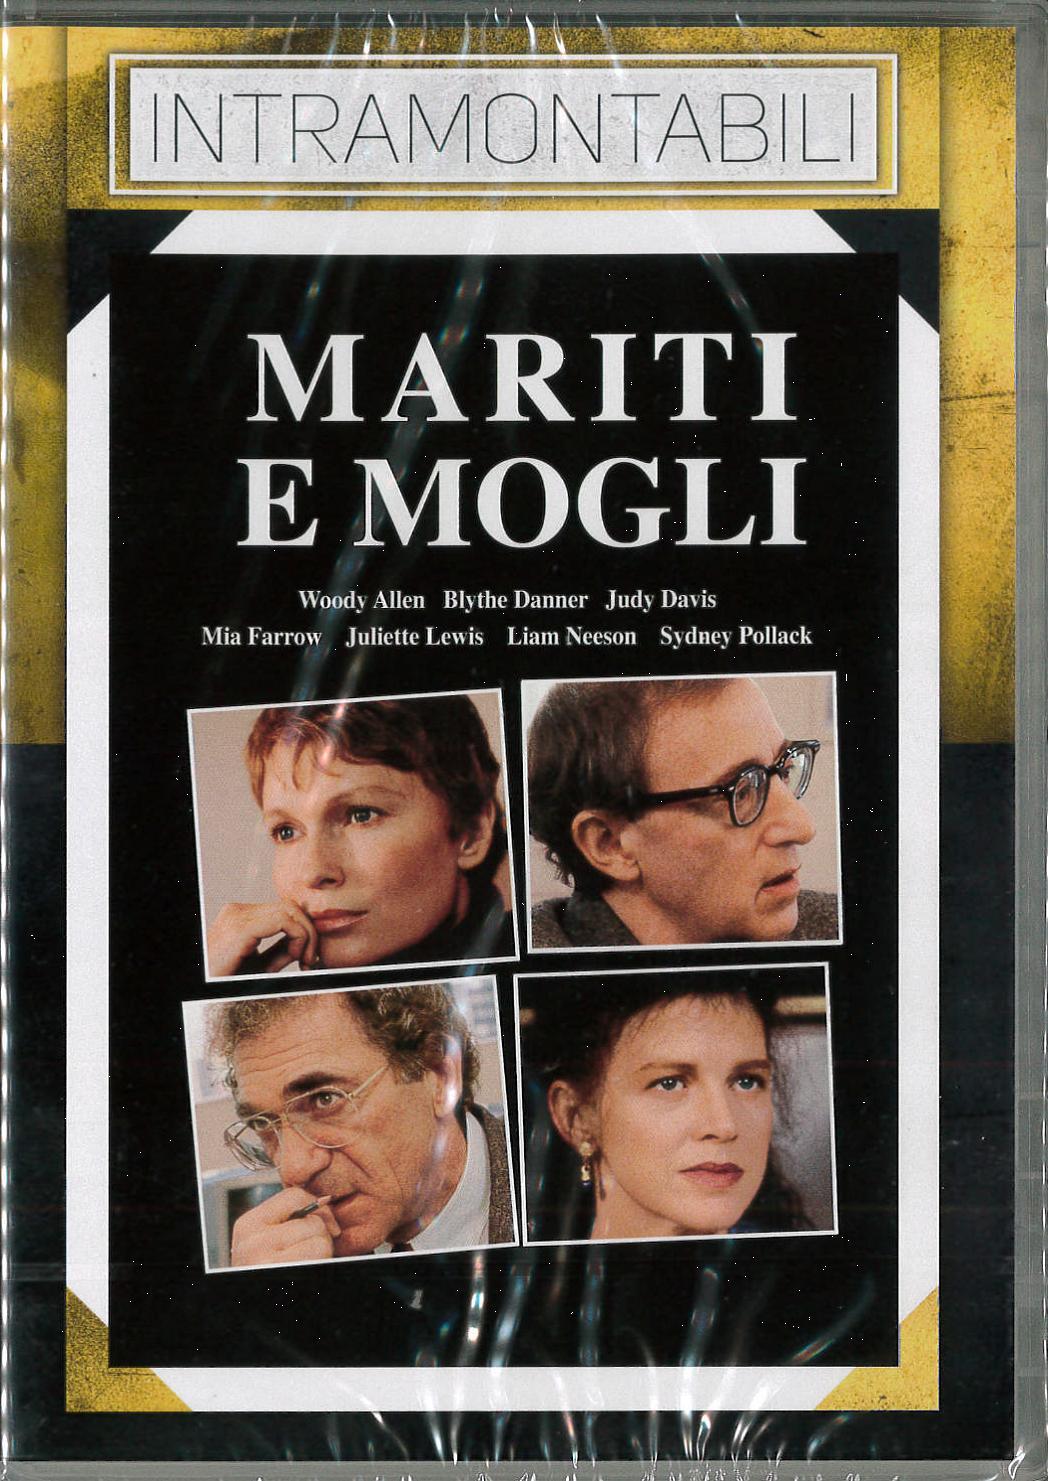 MARITI E MOGLI (DVD)